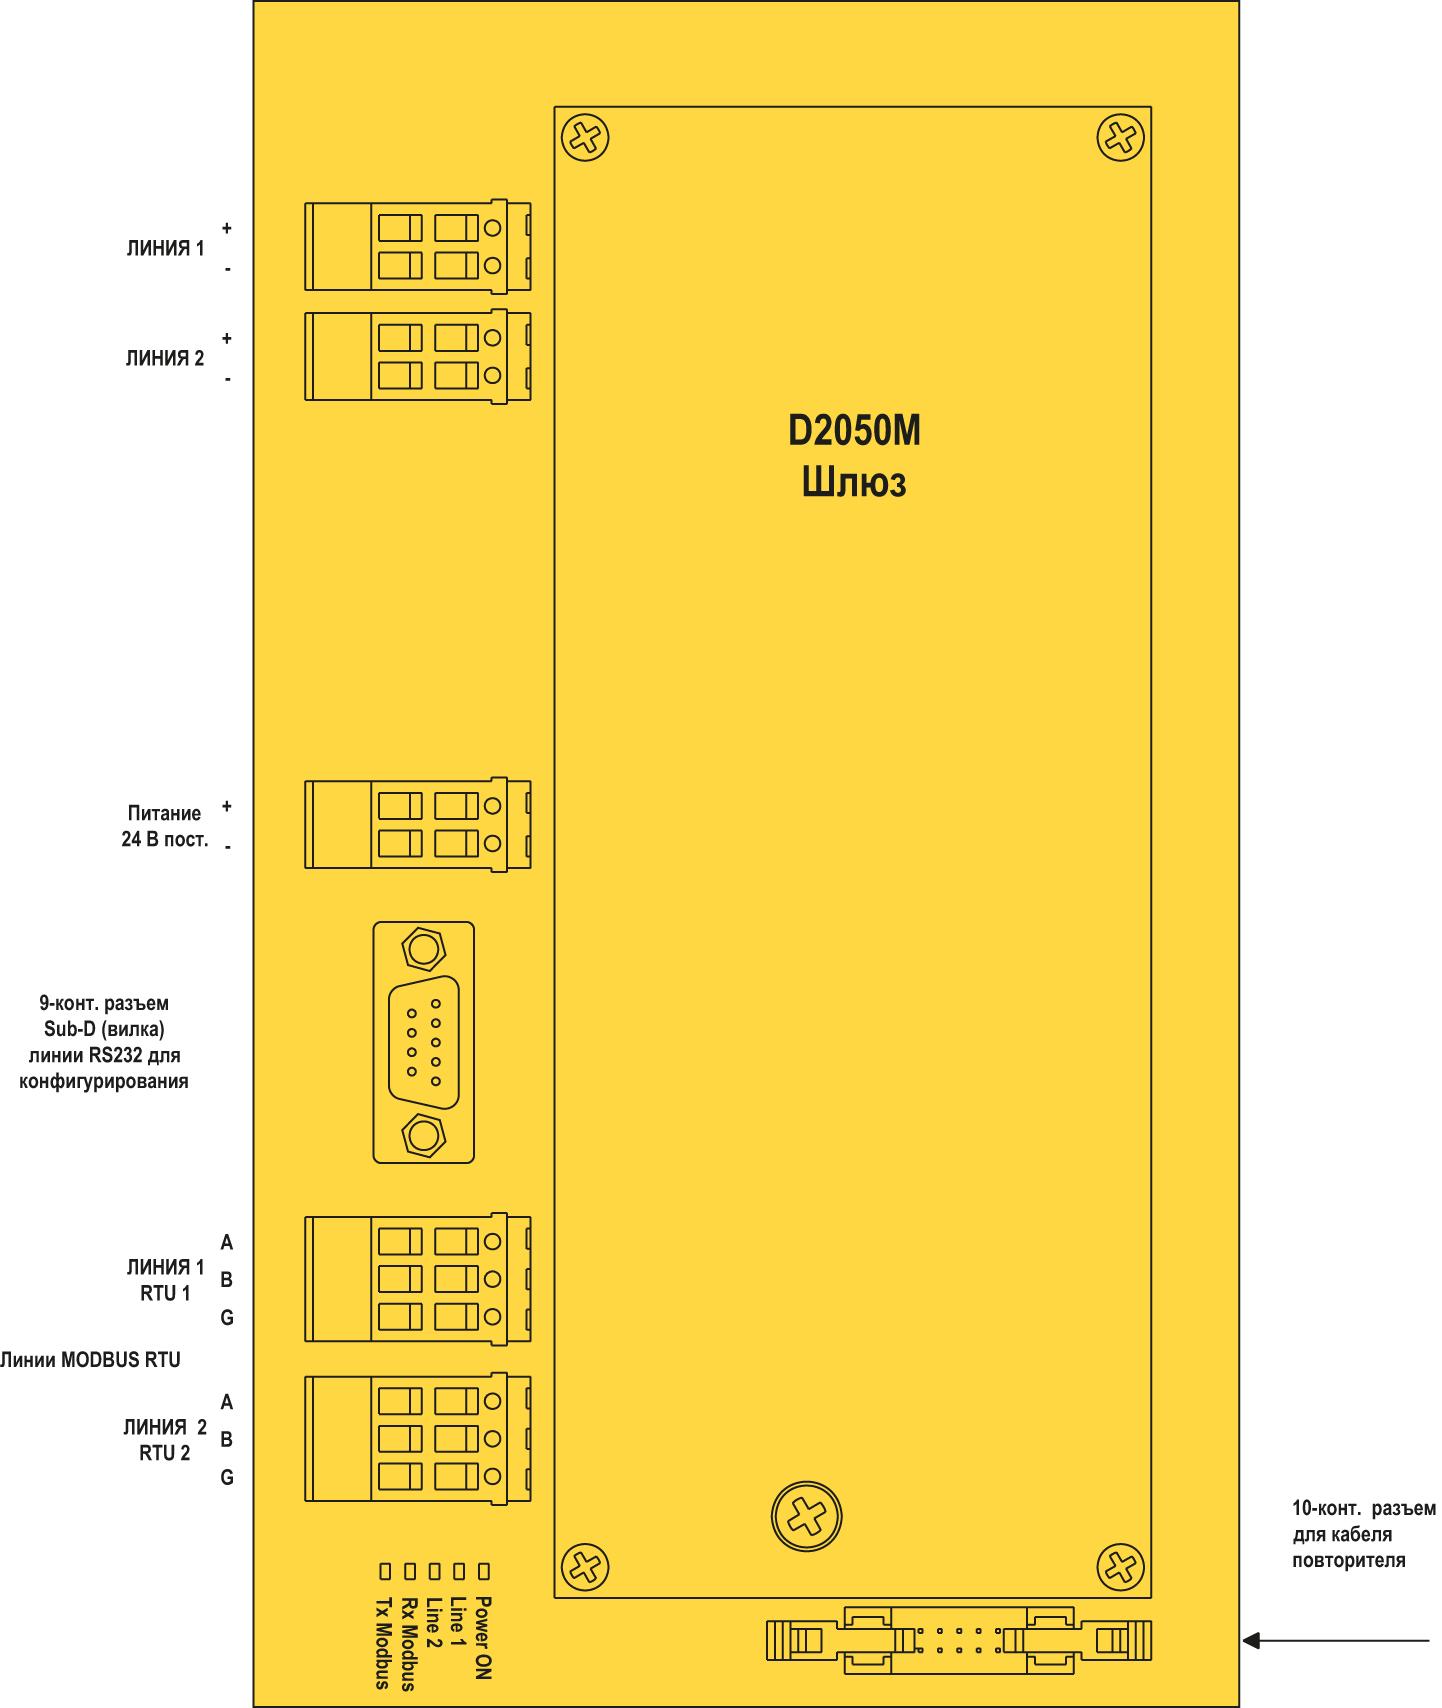 Функциональная схема модуля D2050M